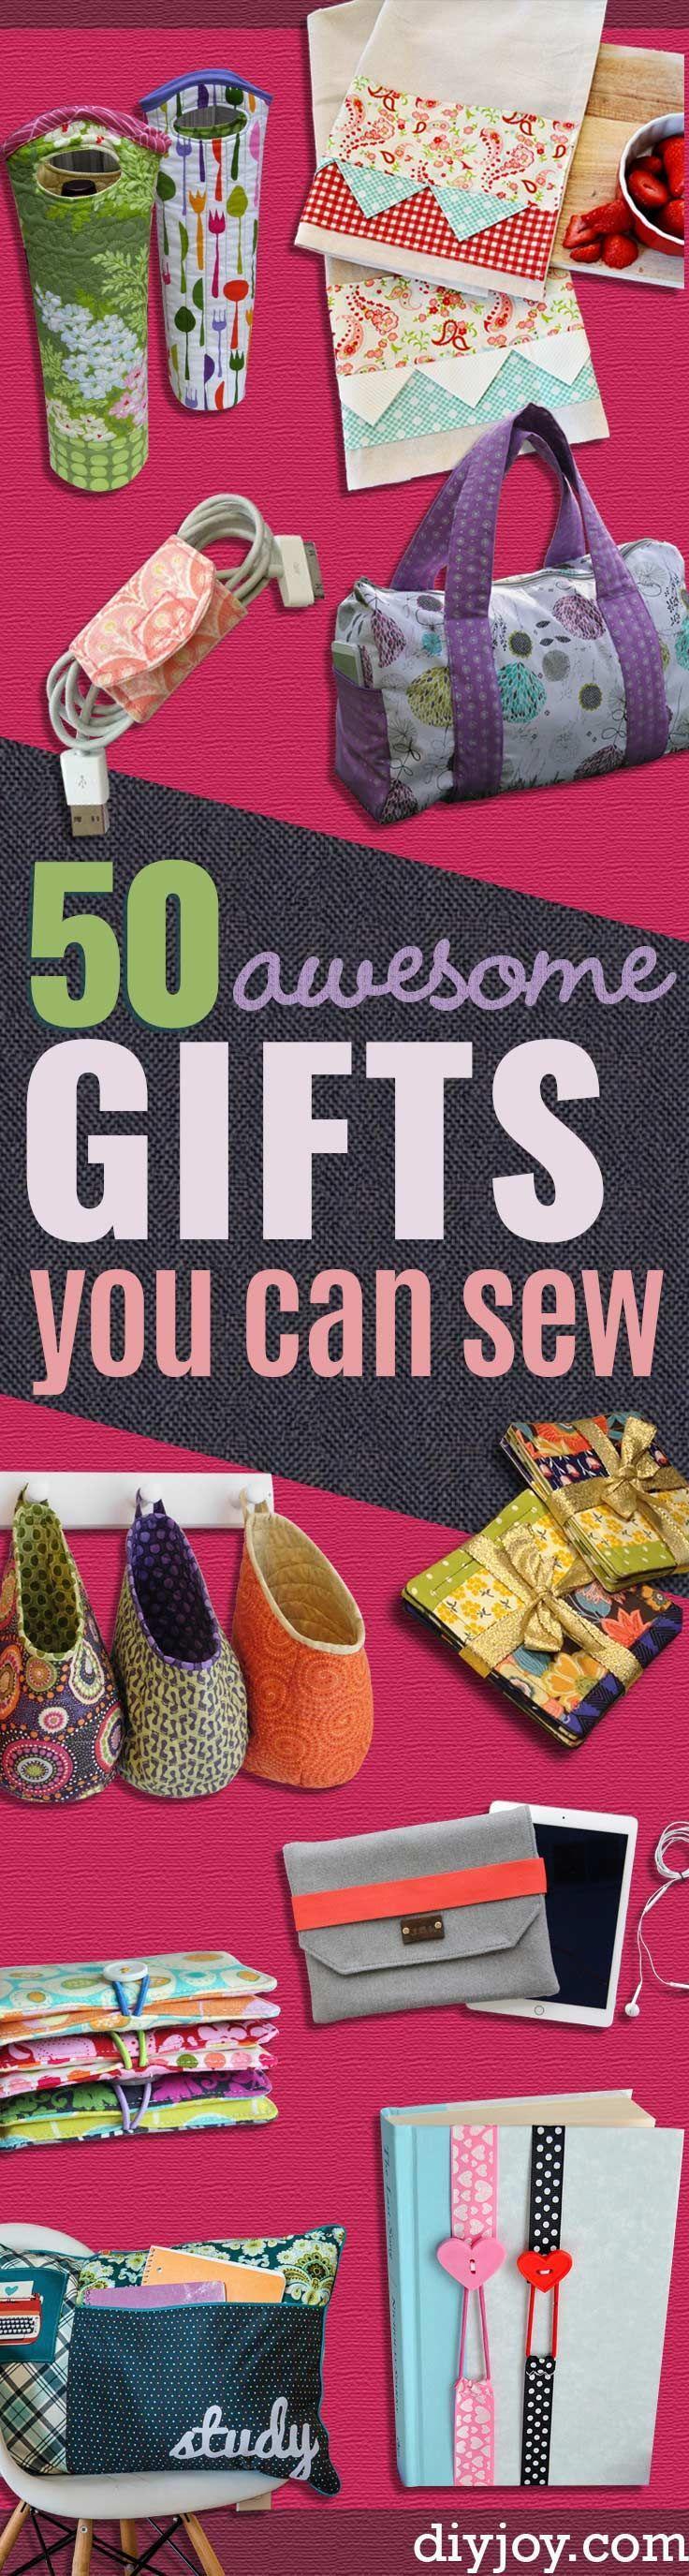 die besten 25 jugendliche geschenke ideen auf pinterest. Black Bedroom Furniture Sets. Home Design Ideas